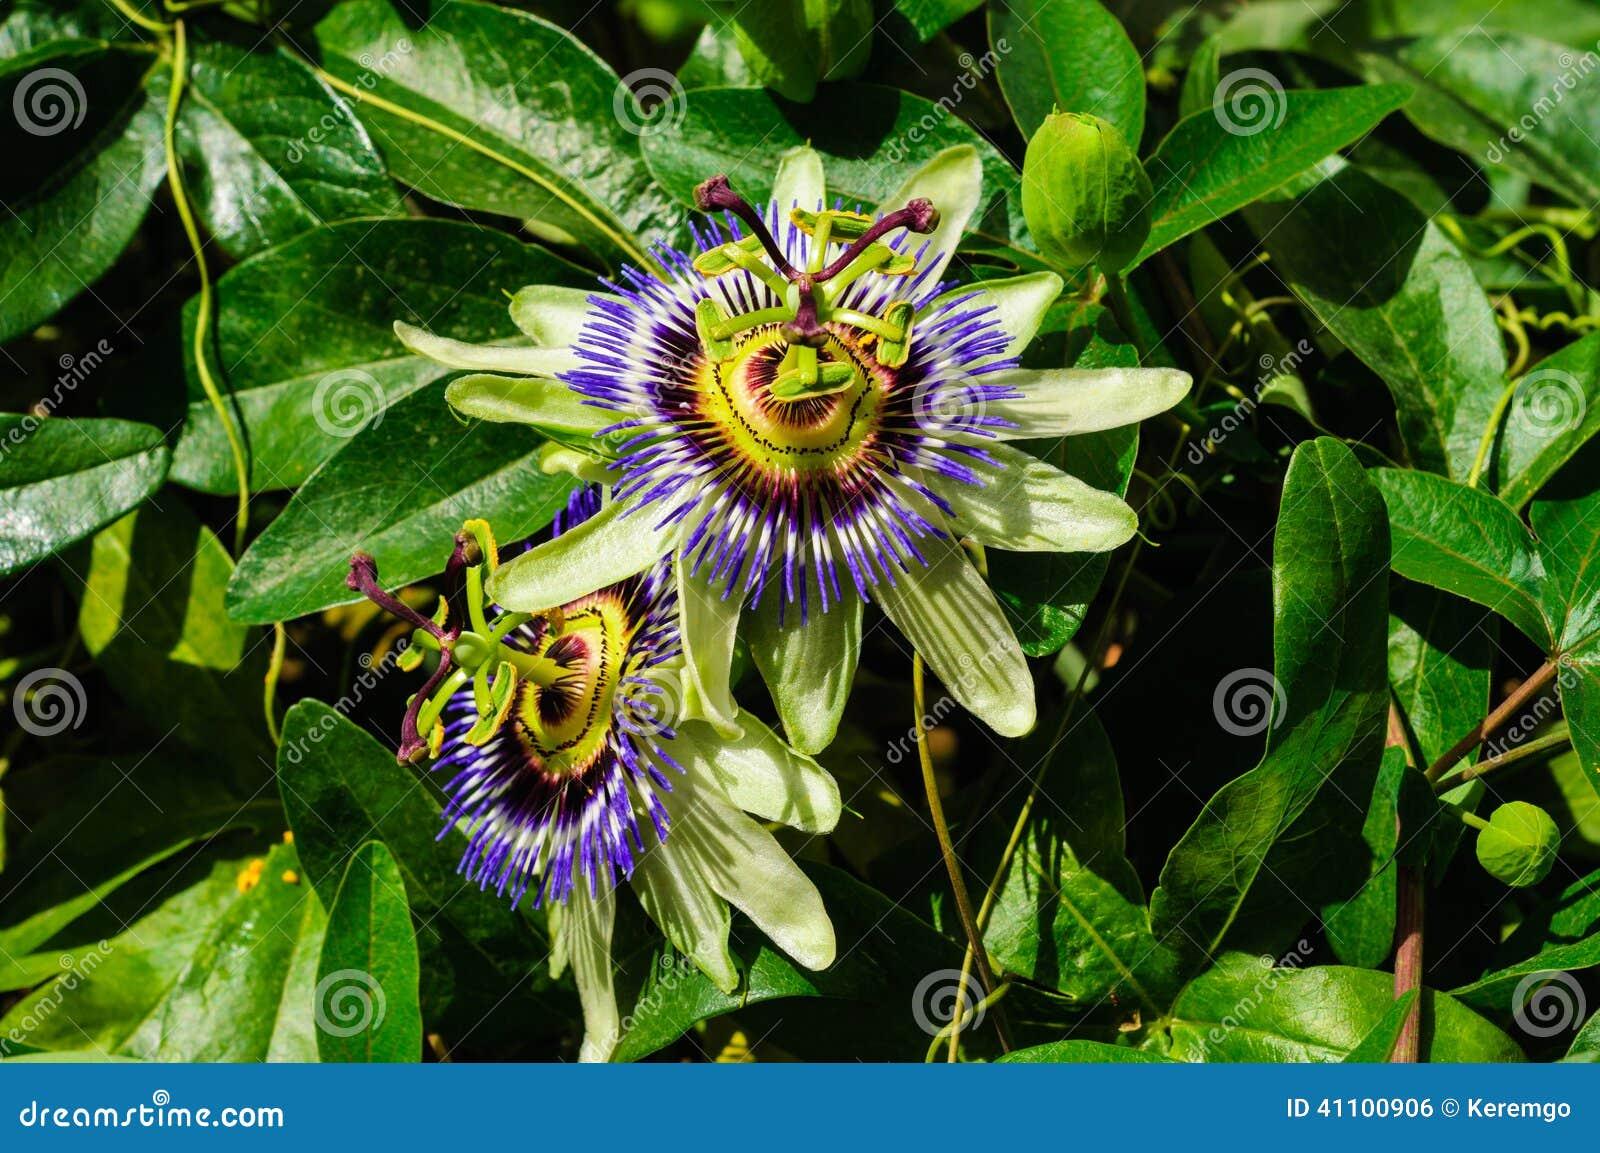 Leidenschafts-Blumen-Passionsblume